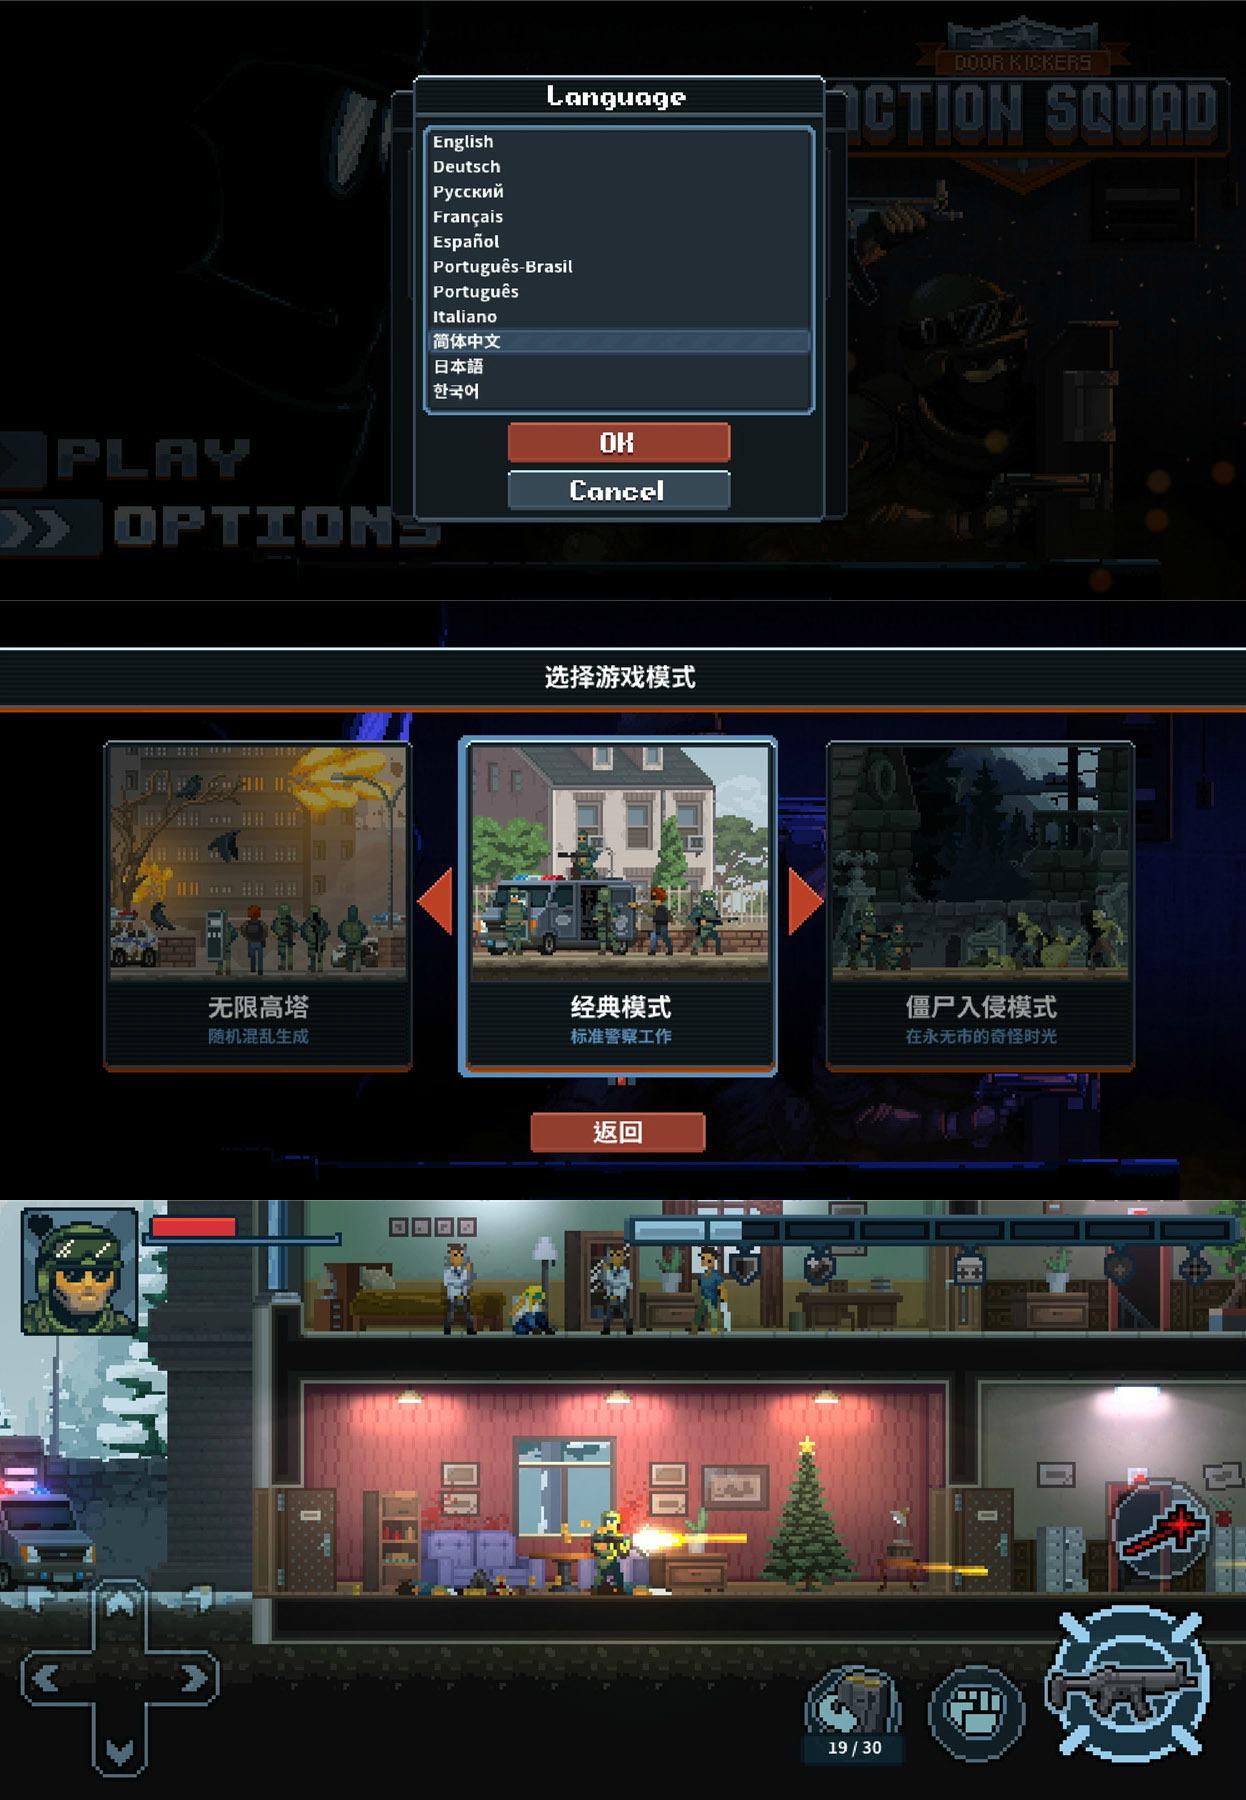 曾在steam发售的破门而入:行动小队武器弹药无限版